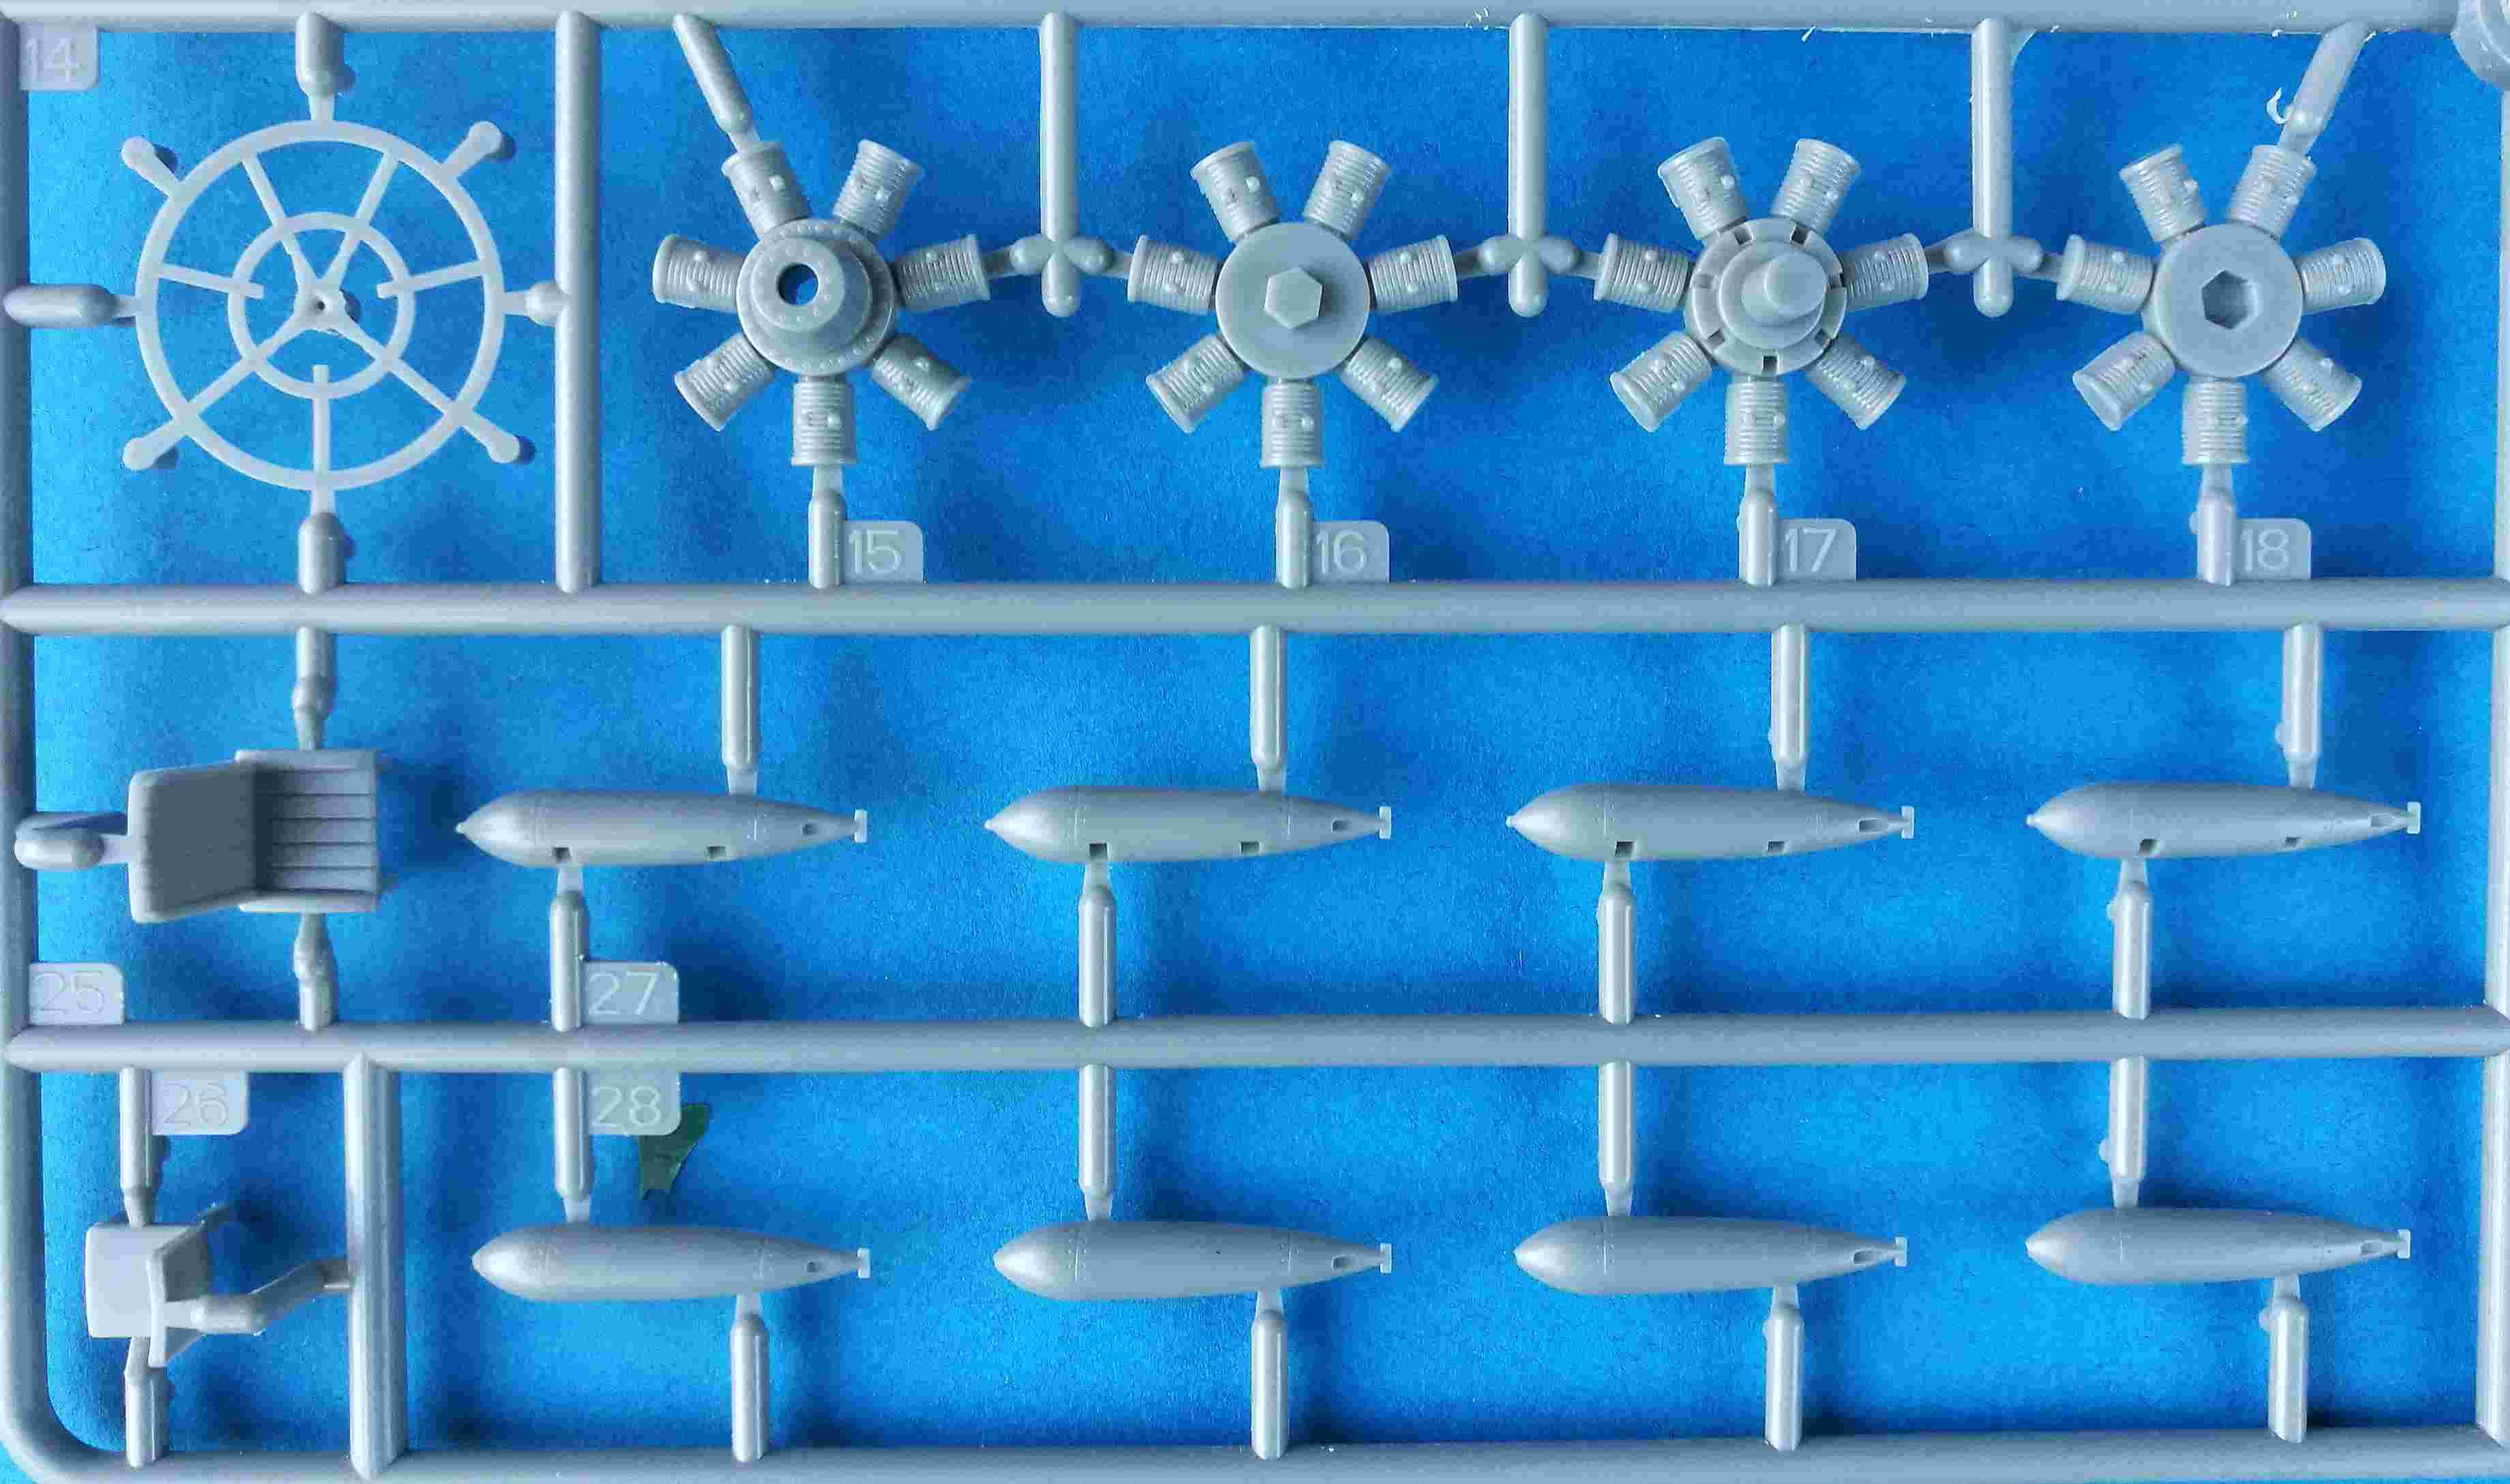 Trumpeter-02880-Fairey-Albacore-4 Fairey Albacore in 1:48  Trumpeter # 02880